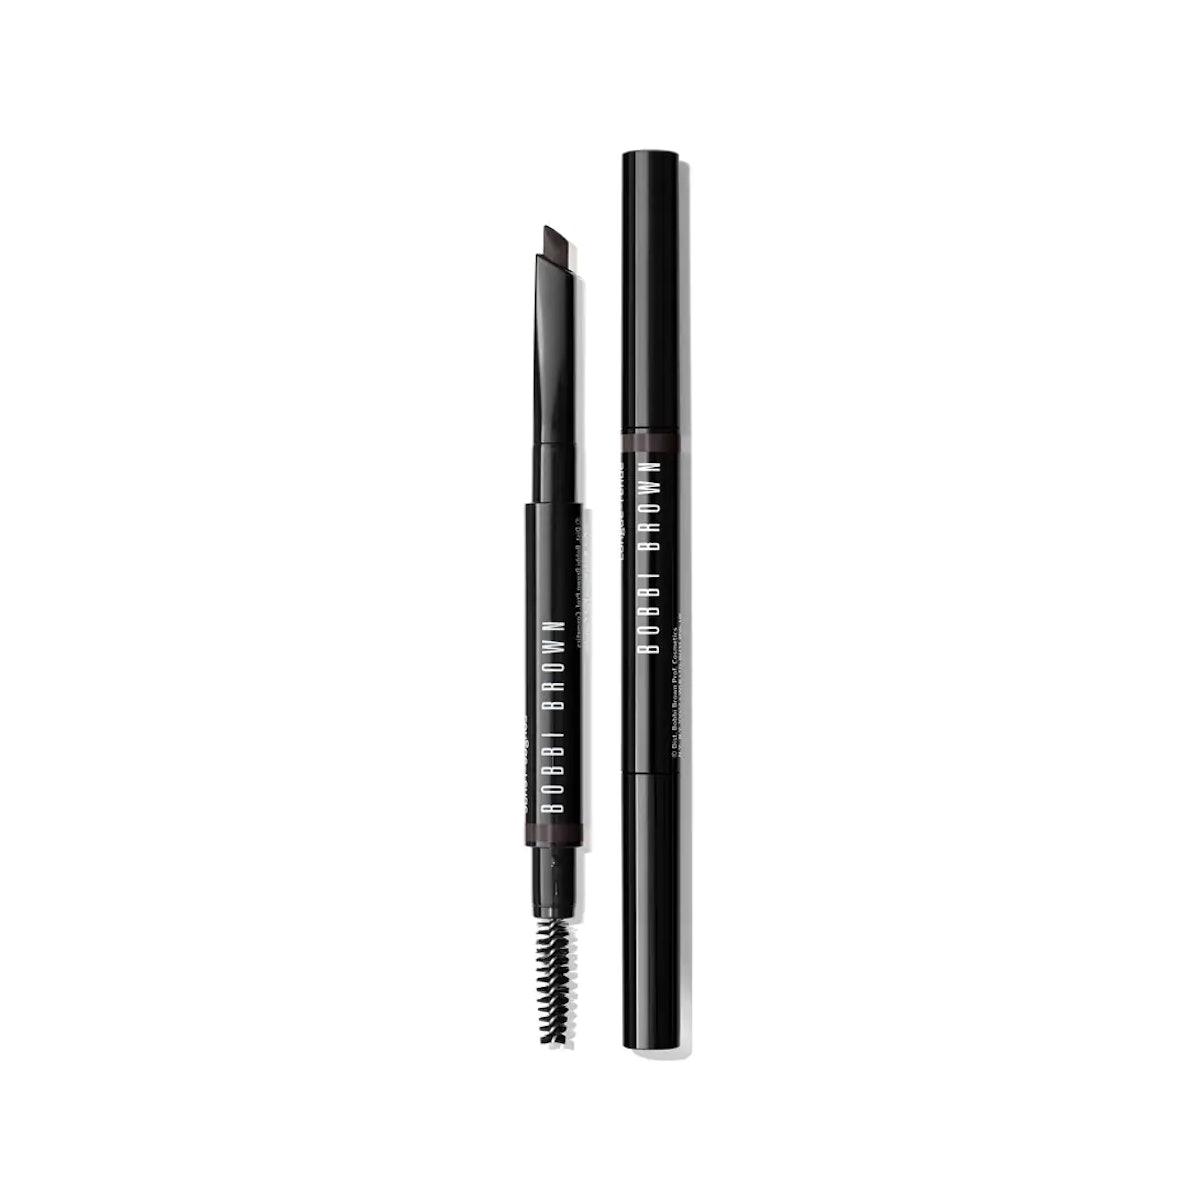 Perfectly Defined Long-wear Eye Pencil